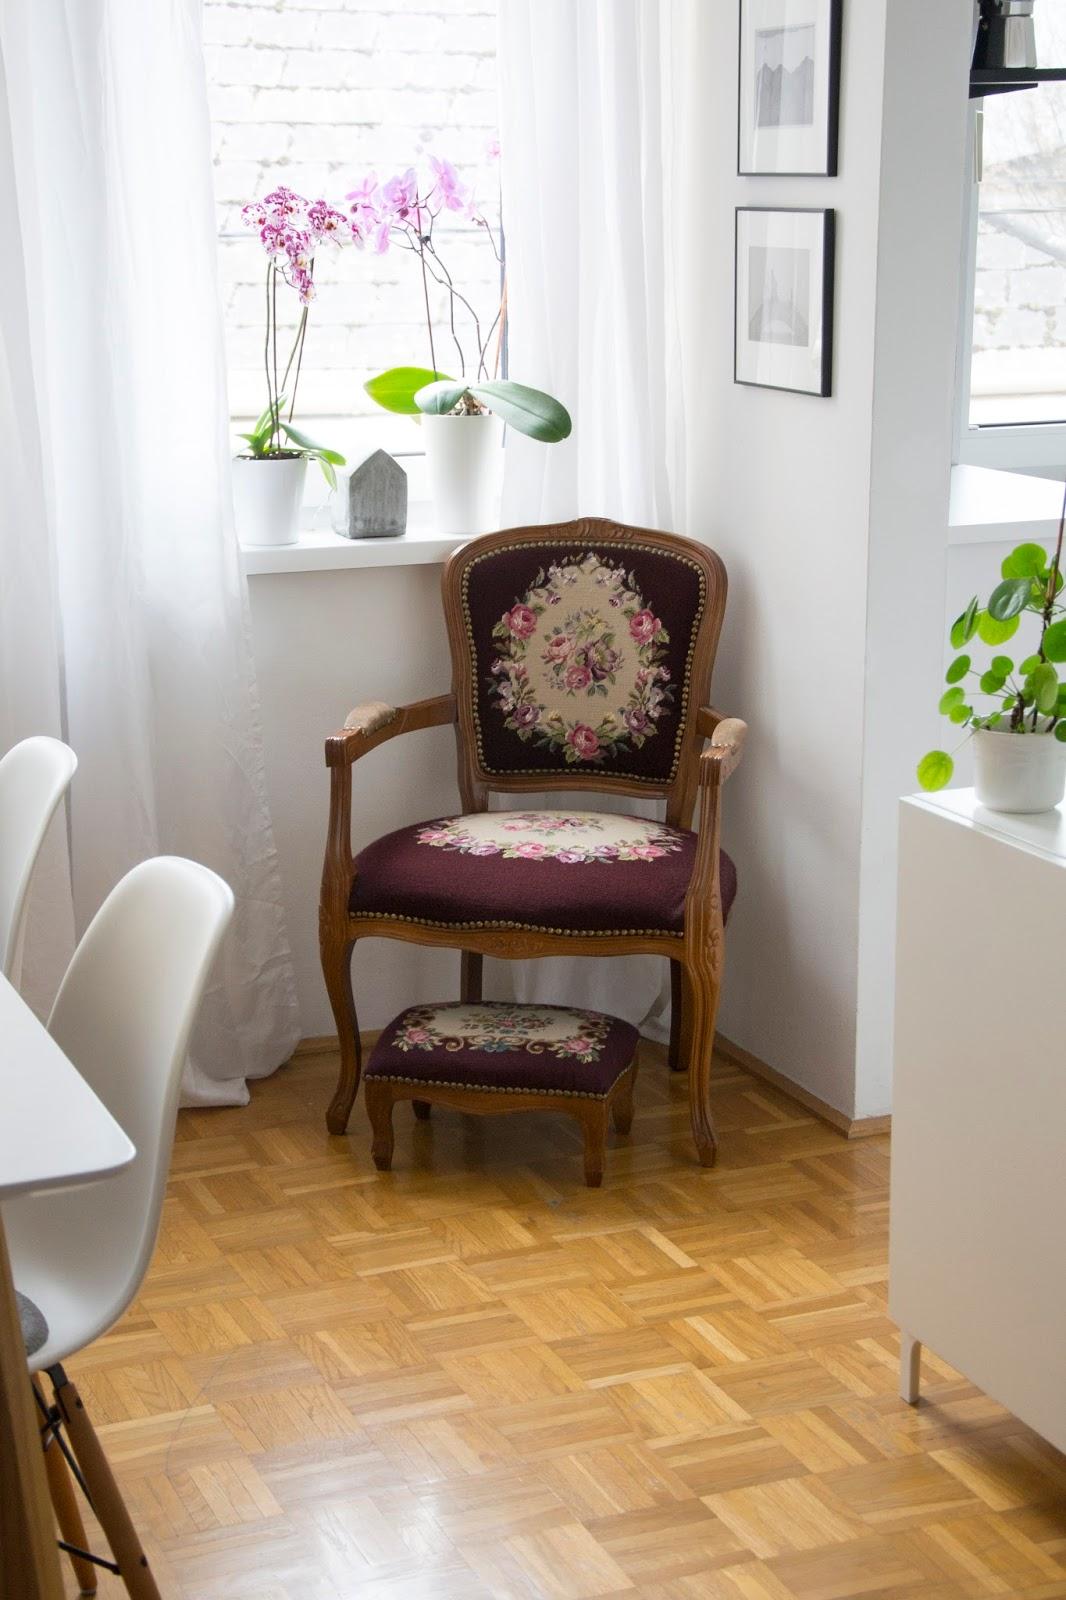 mein-daheim: #interior | die erste eigene wohnung einrichten, Wohnzimmer dekoo